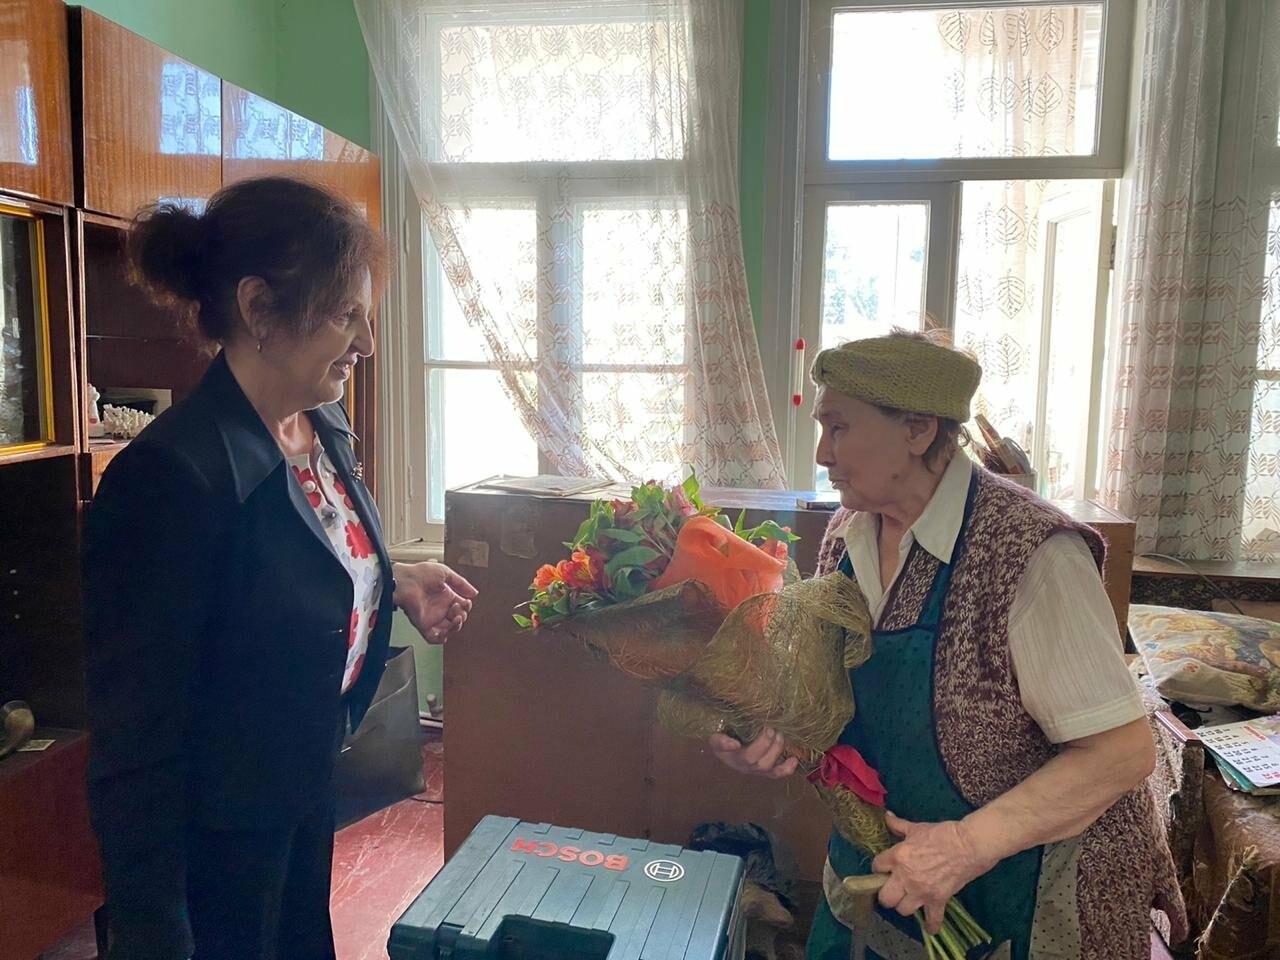 Ветеранам Ялты вручили юбилейные медали в честь 75-летия Победы в ВОВ, фото-5